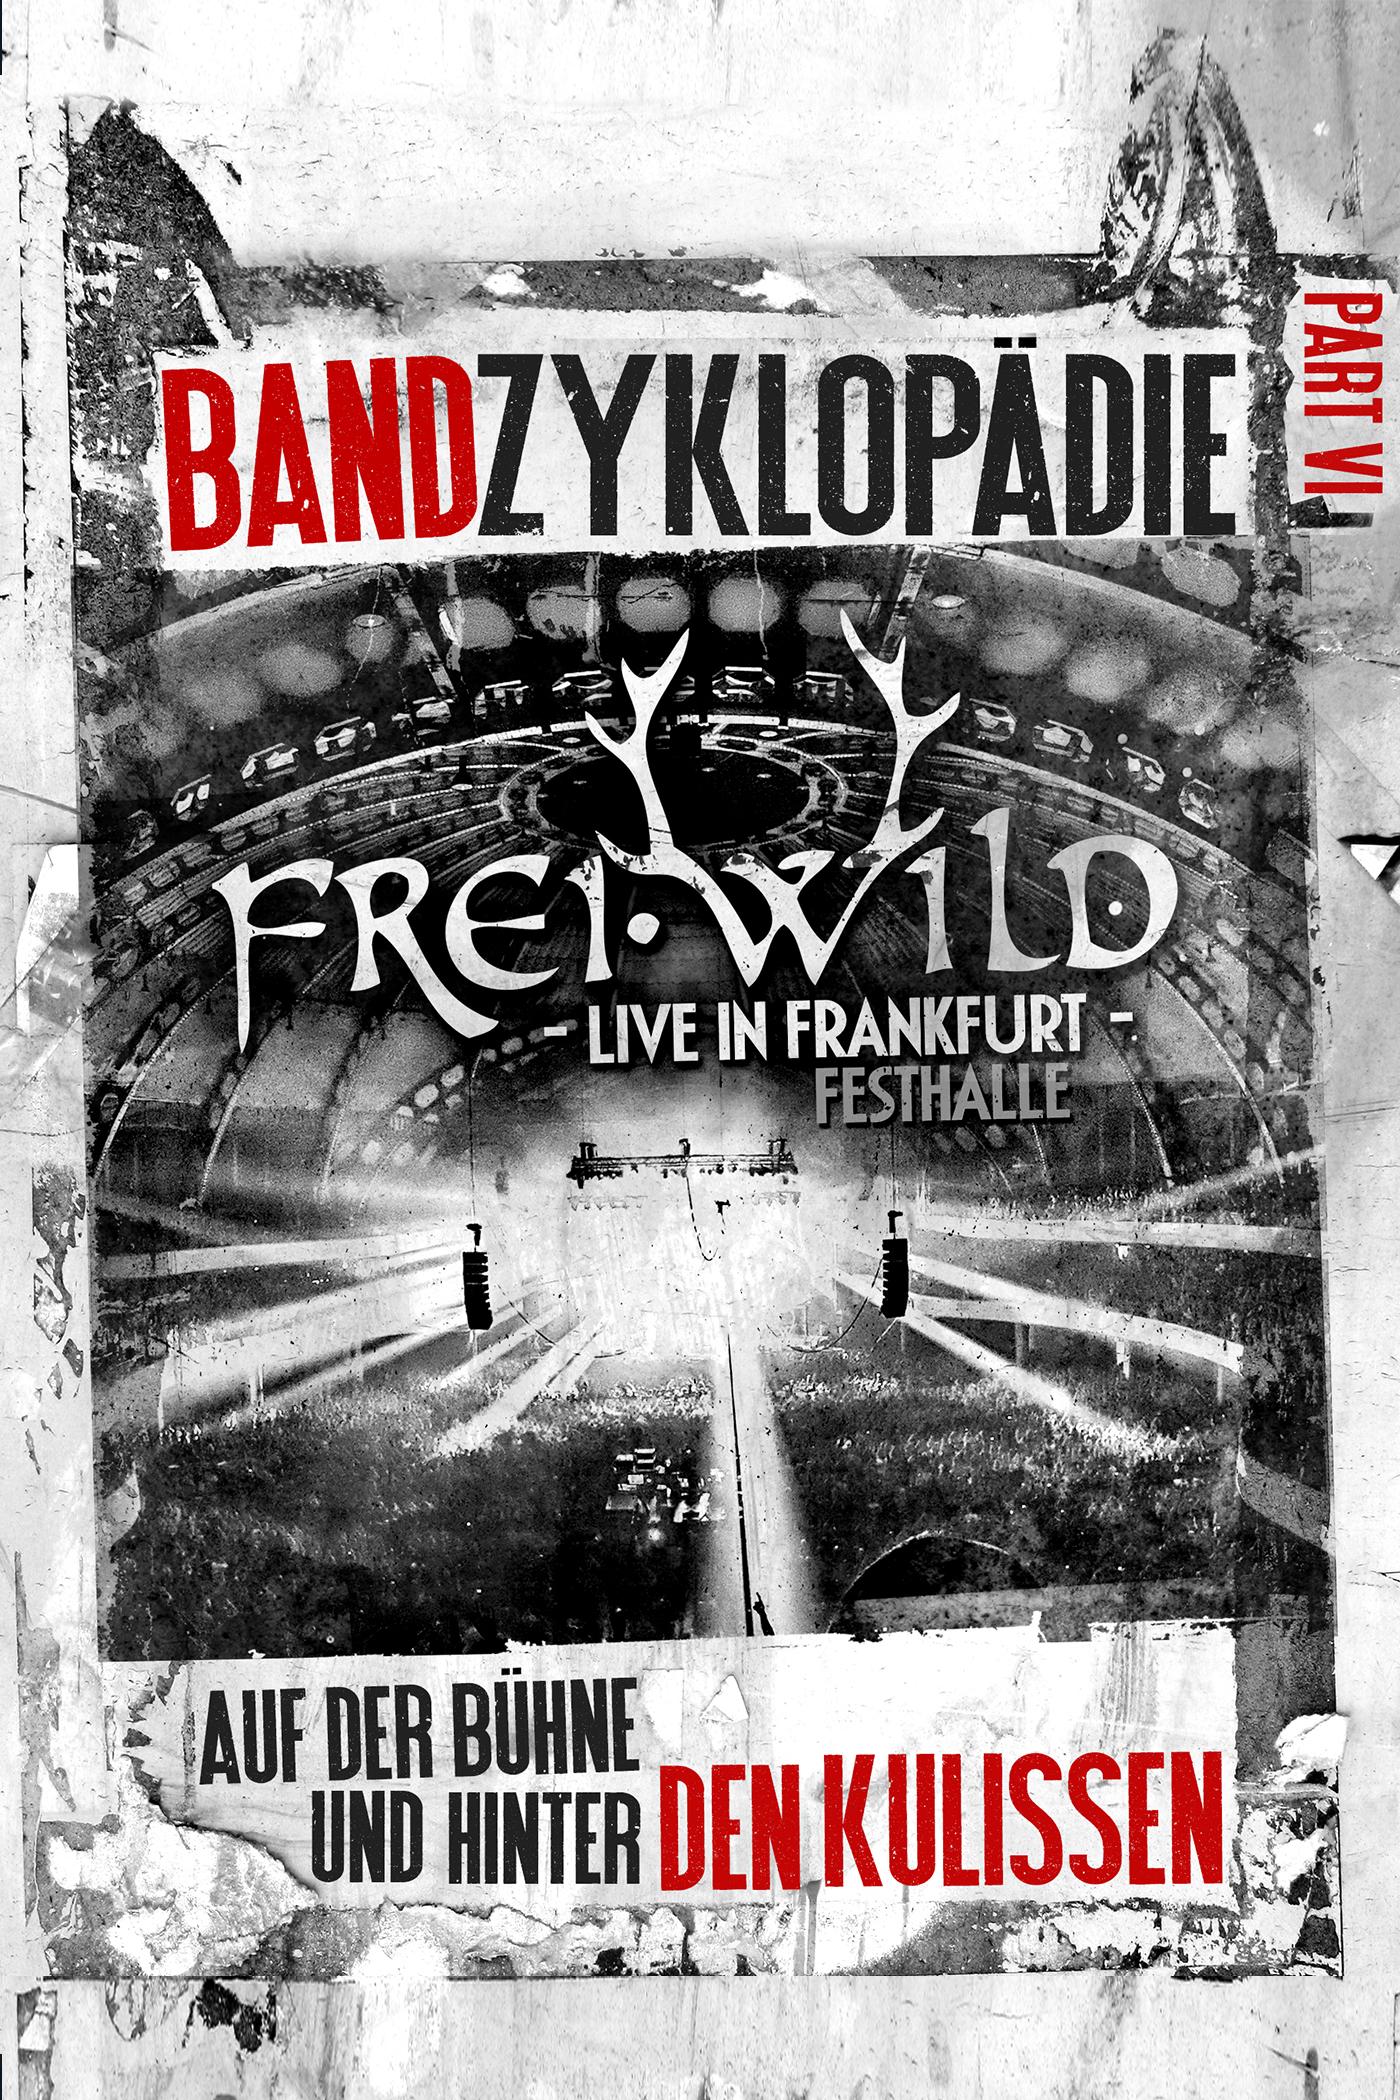 BANDZYKLOPÄDIE Part VI: Frankfurt Festhalle- Auf der Bühne & hinter den Kulissen stream